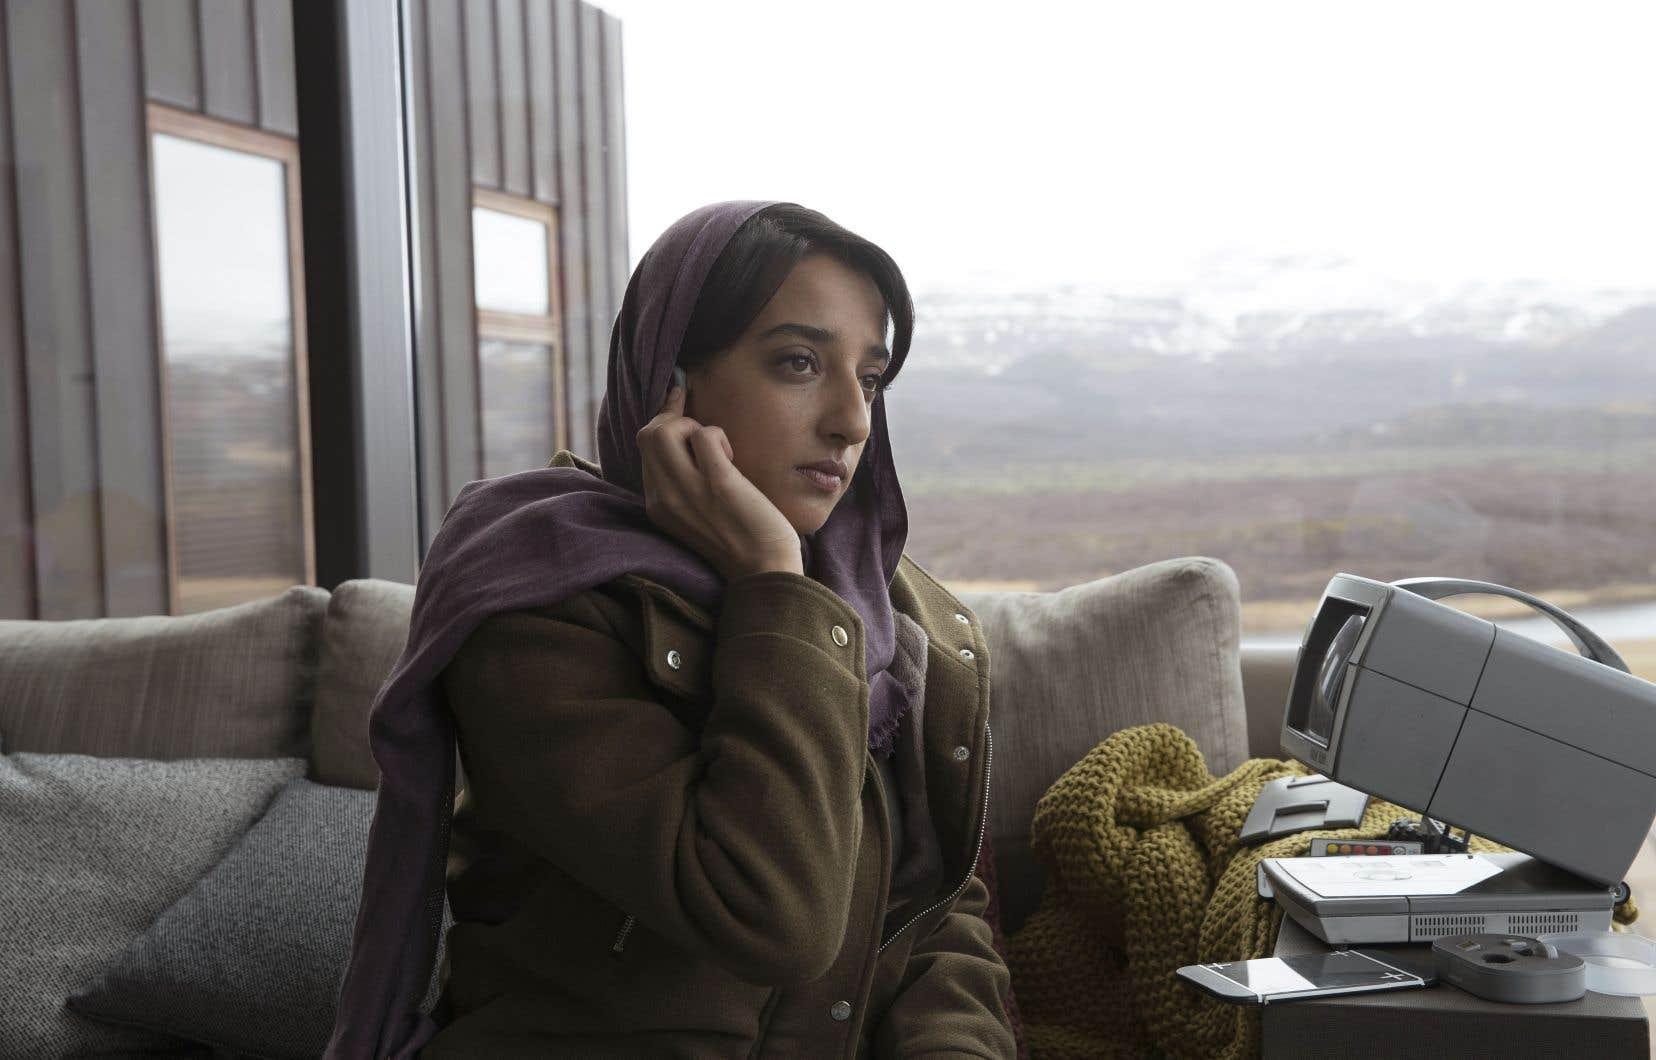 L'intérêt de l'épisode «Crocodile» réside surtout dans l'interprétation à glacer d'Andrea Riseborough et le jeu sensible de Kiran Sonia Sawar.